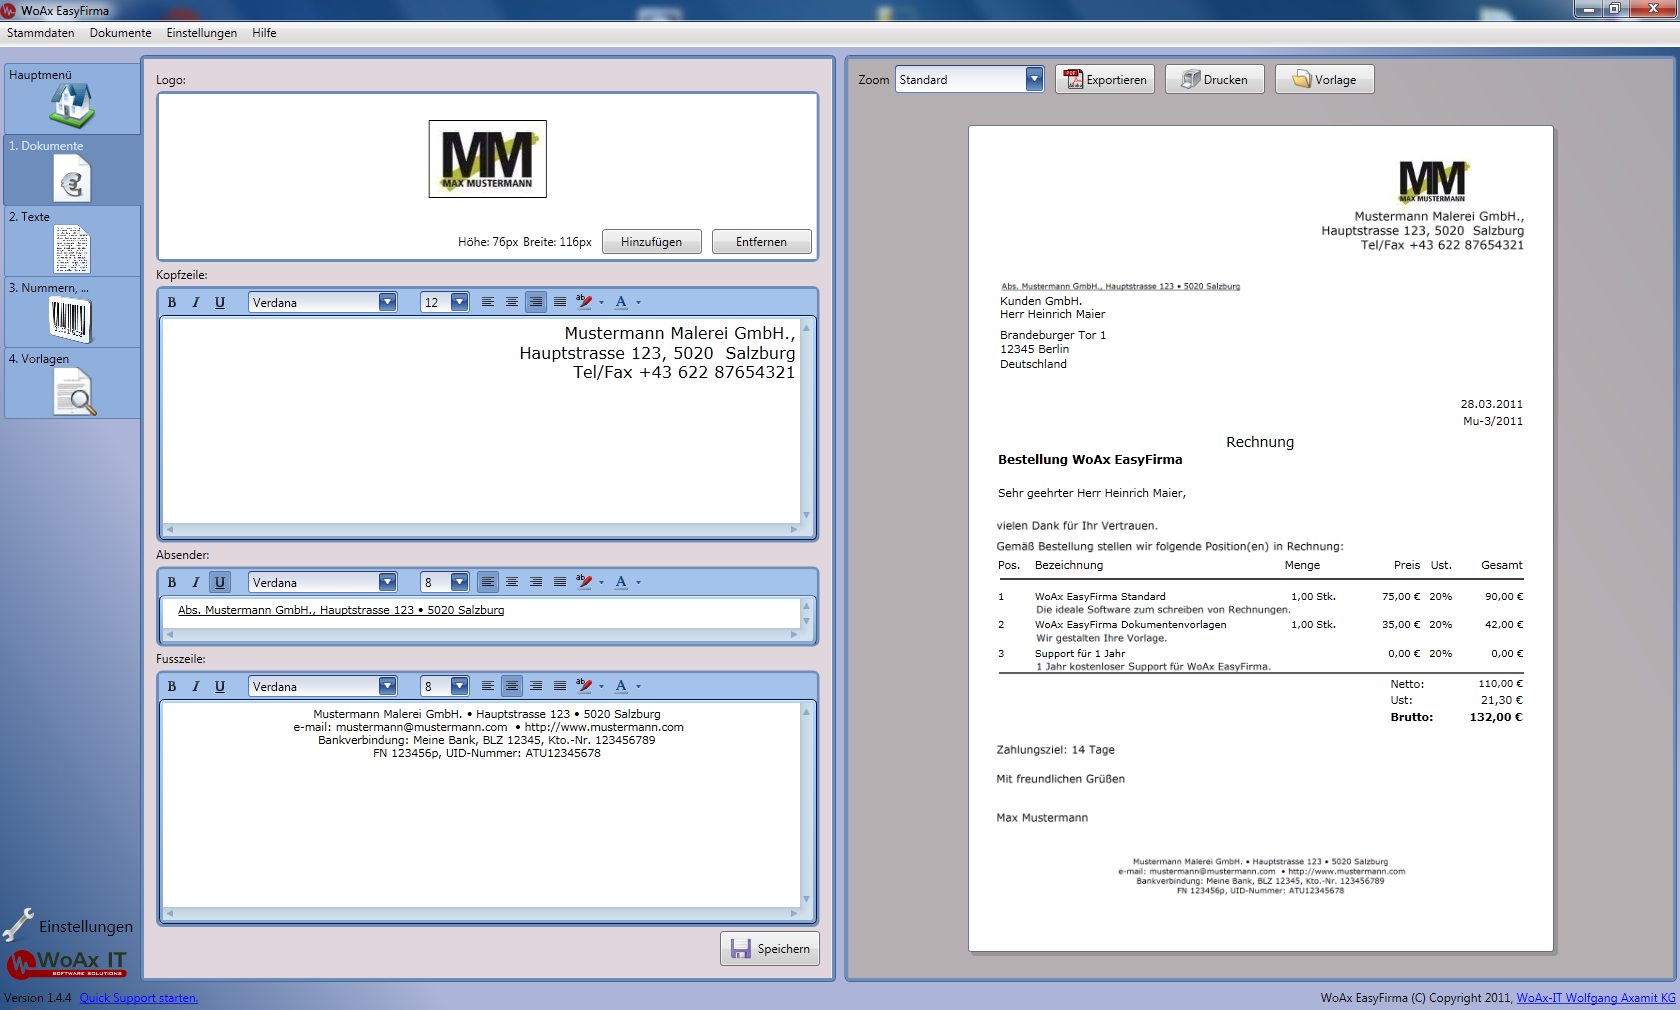 Großzügig Vorlagen Für Nummern Mac Galerie - Entry Level Resume ...